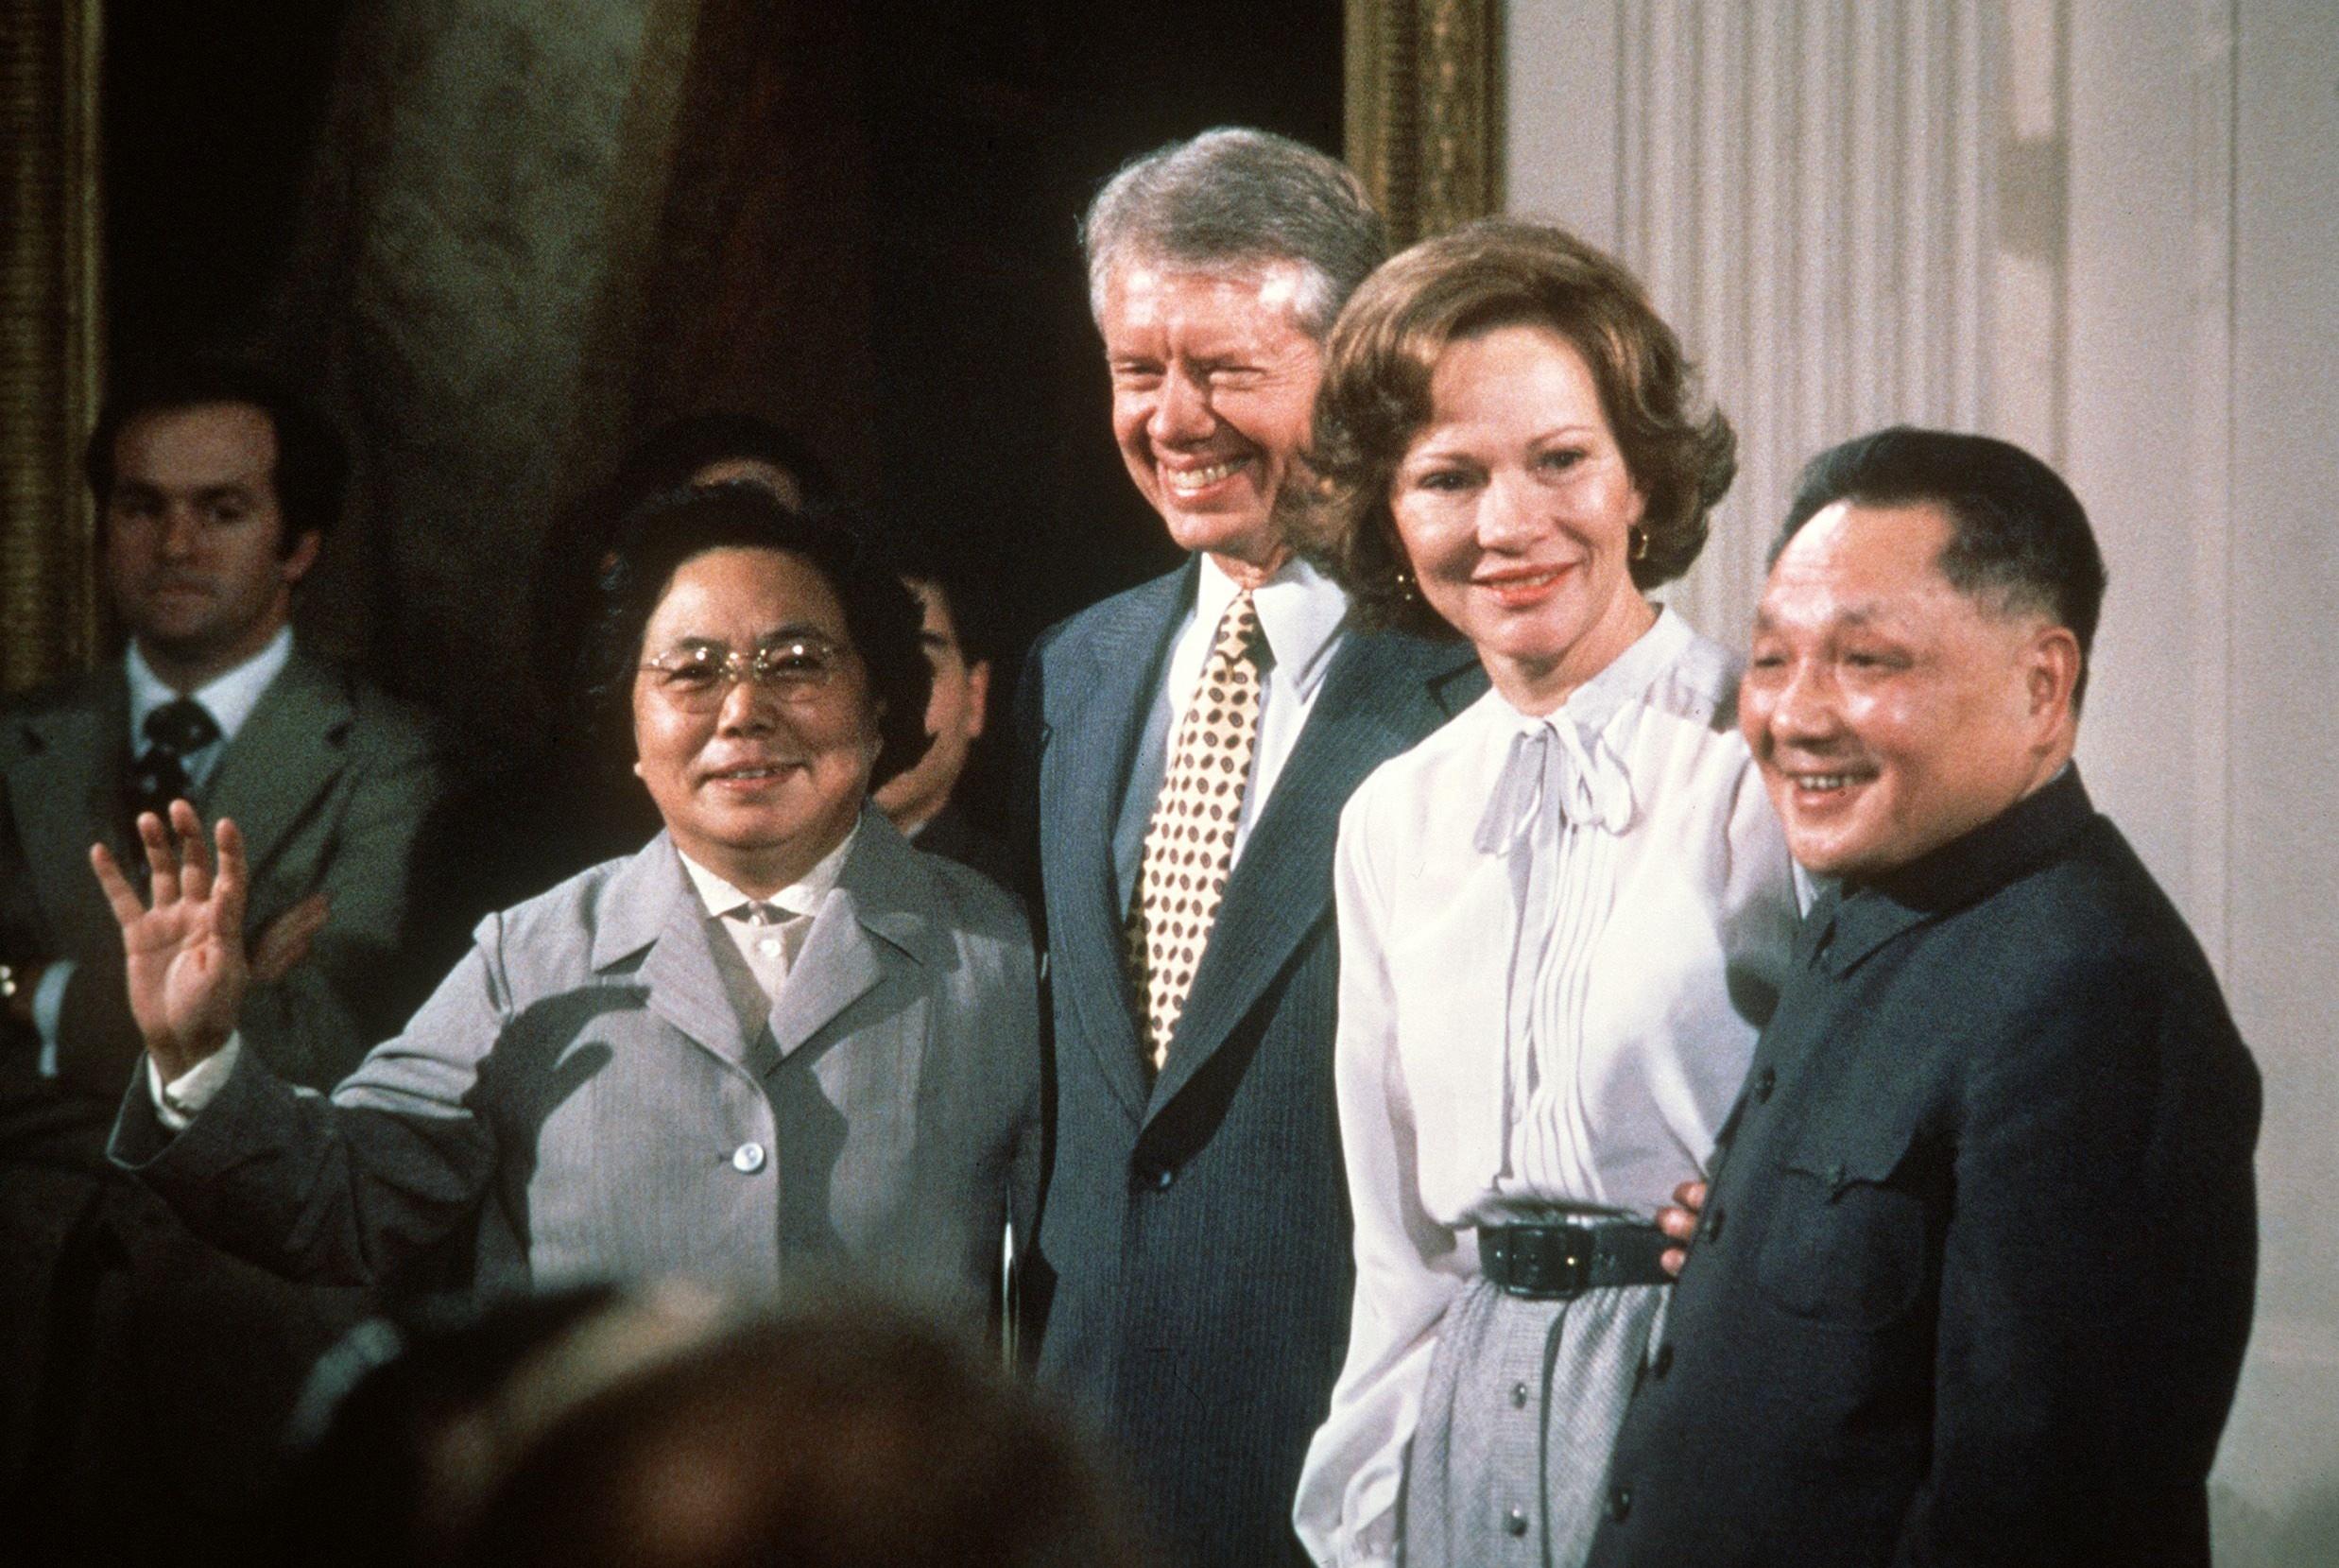 Deng Sjaoping i američki predsednik Džimi Karter sa suprugama poziraju na fotografisanju u Beloj kući, Vašington, 31. januar 1979. (Foto: STF/AFP/Getty Images)